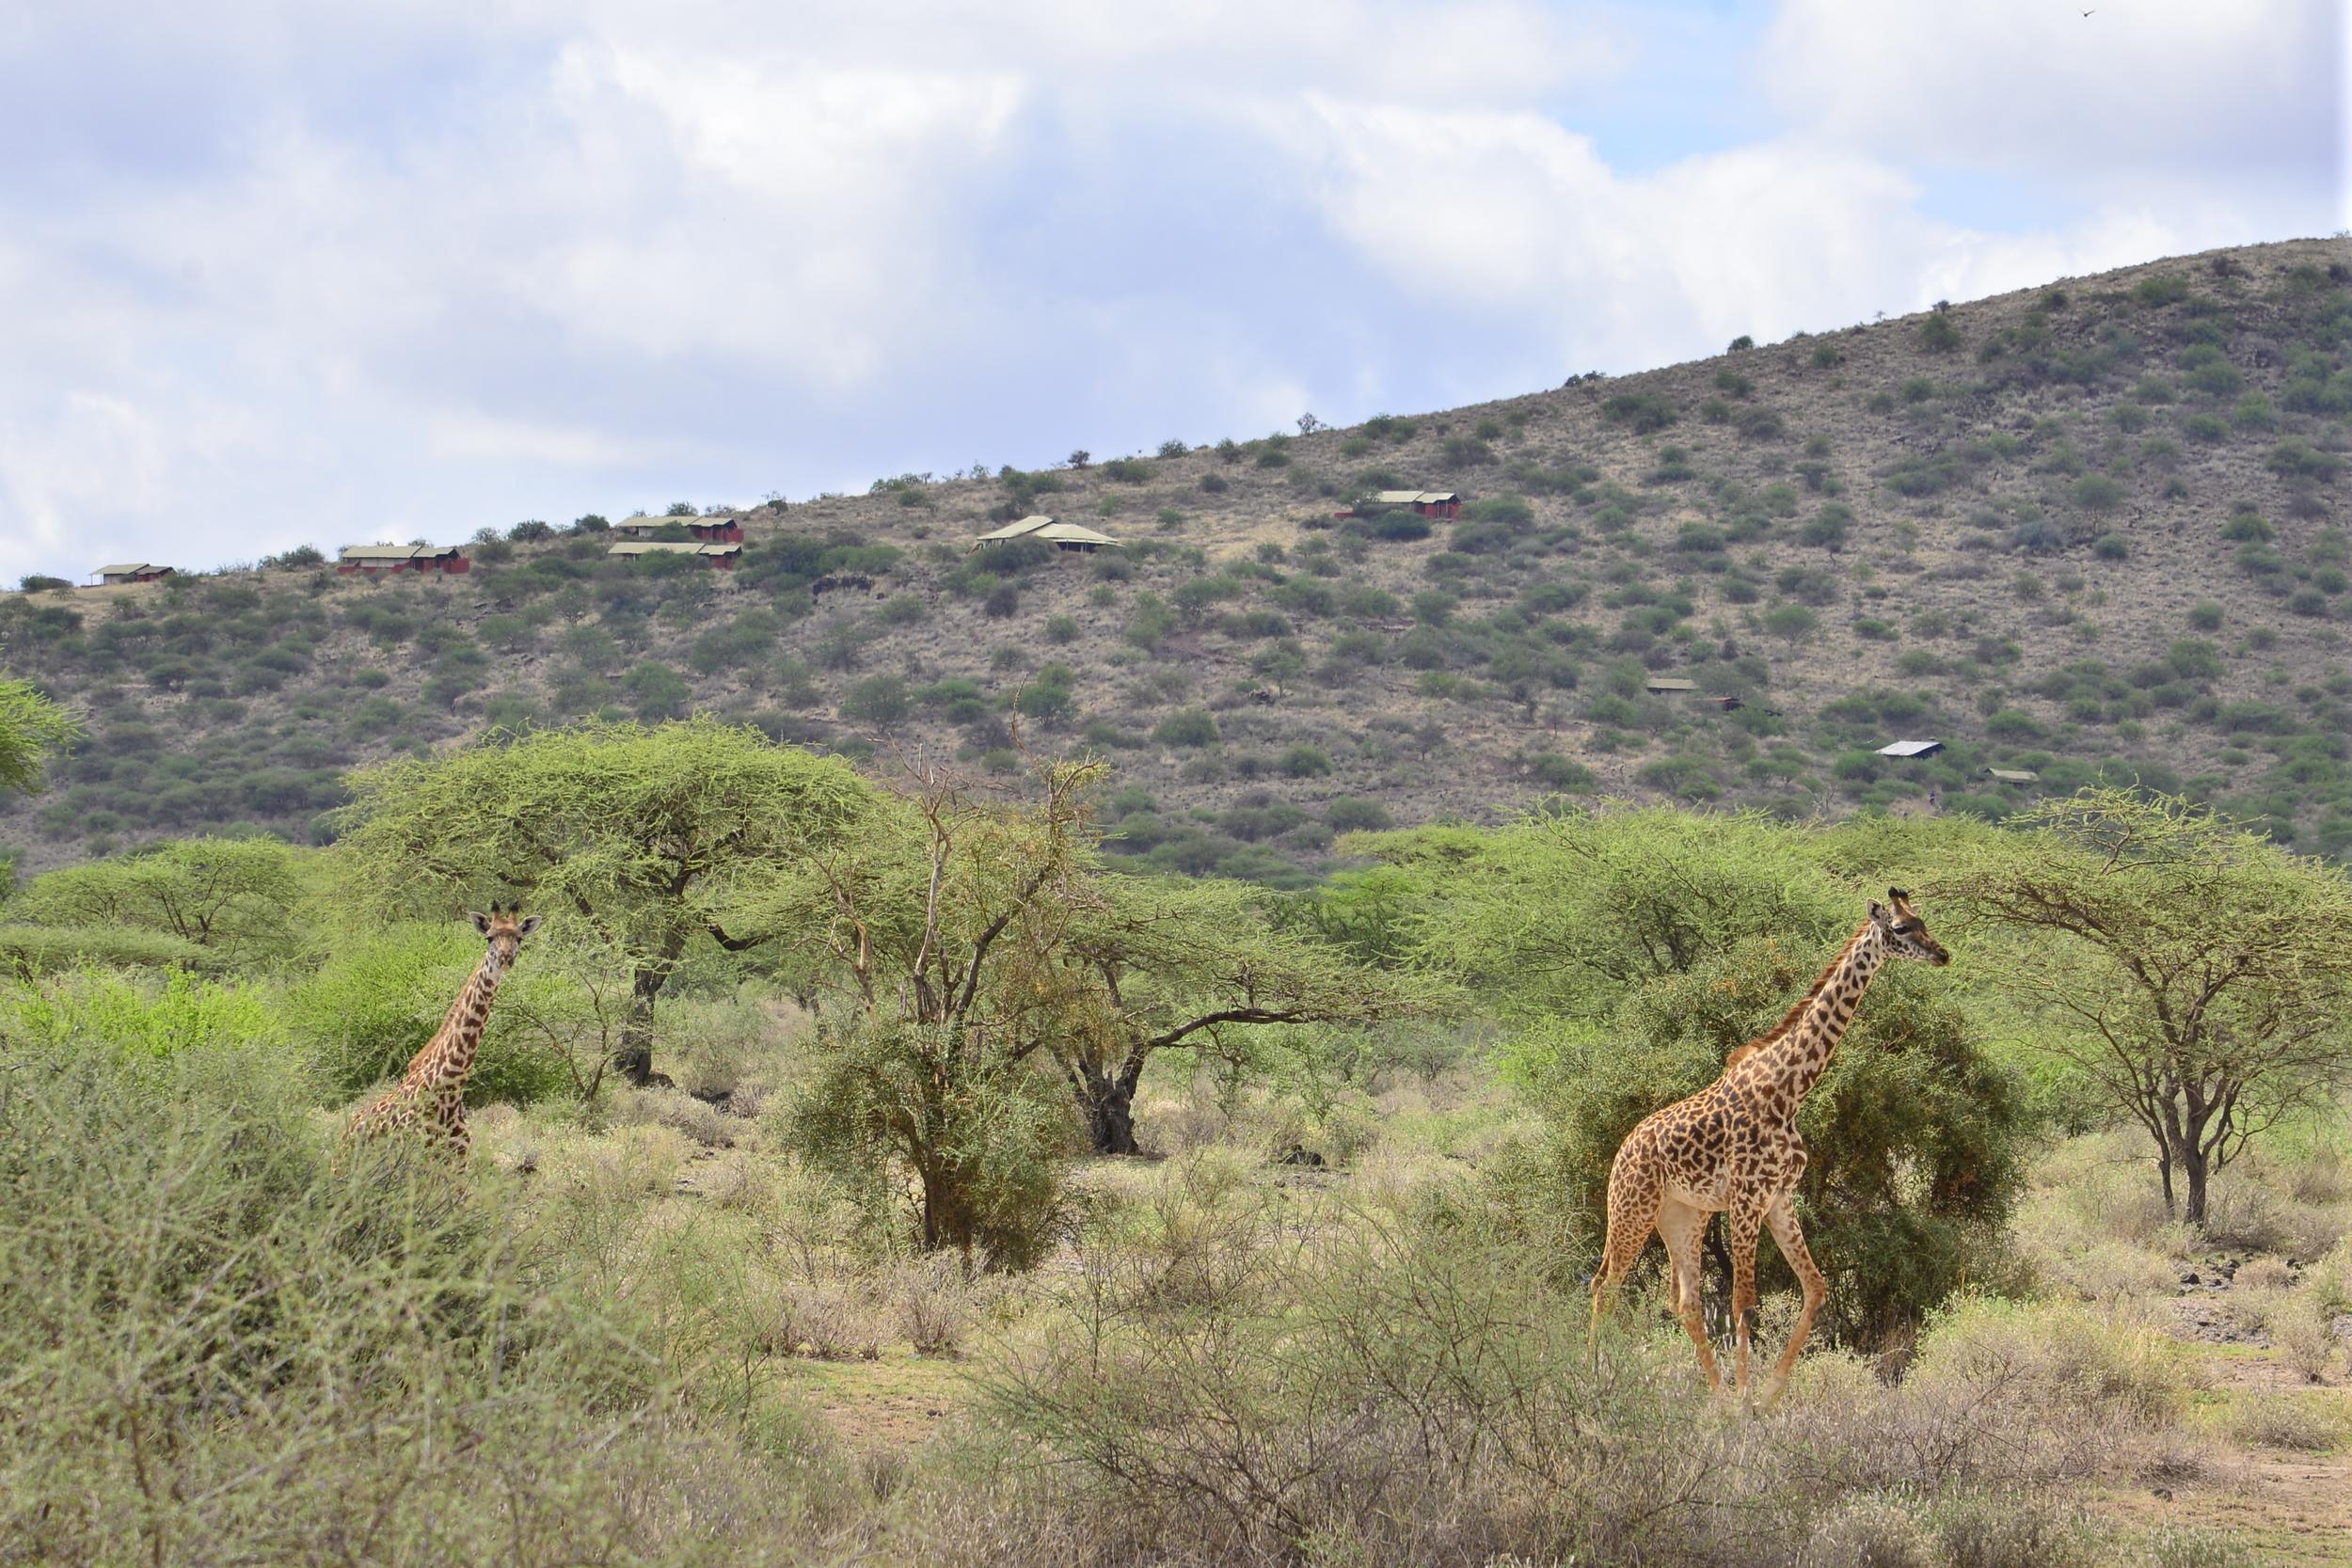 Giraffes infront of Shumata.JPG